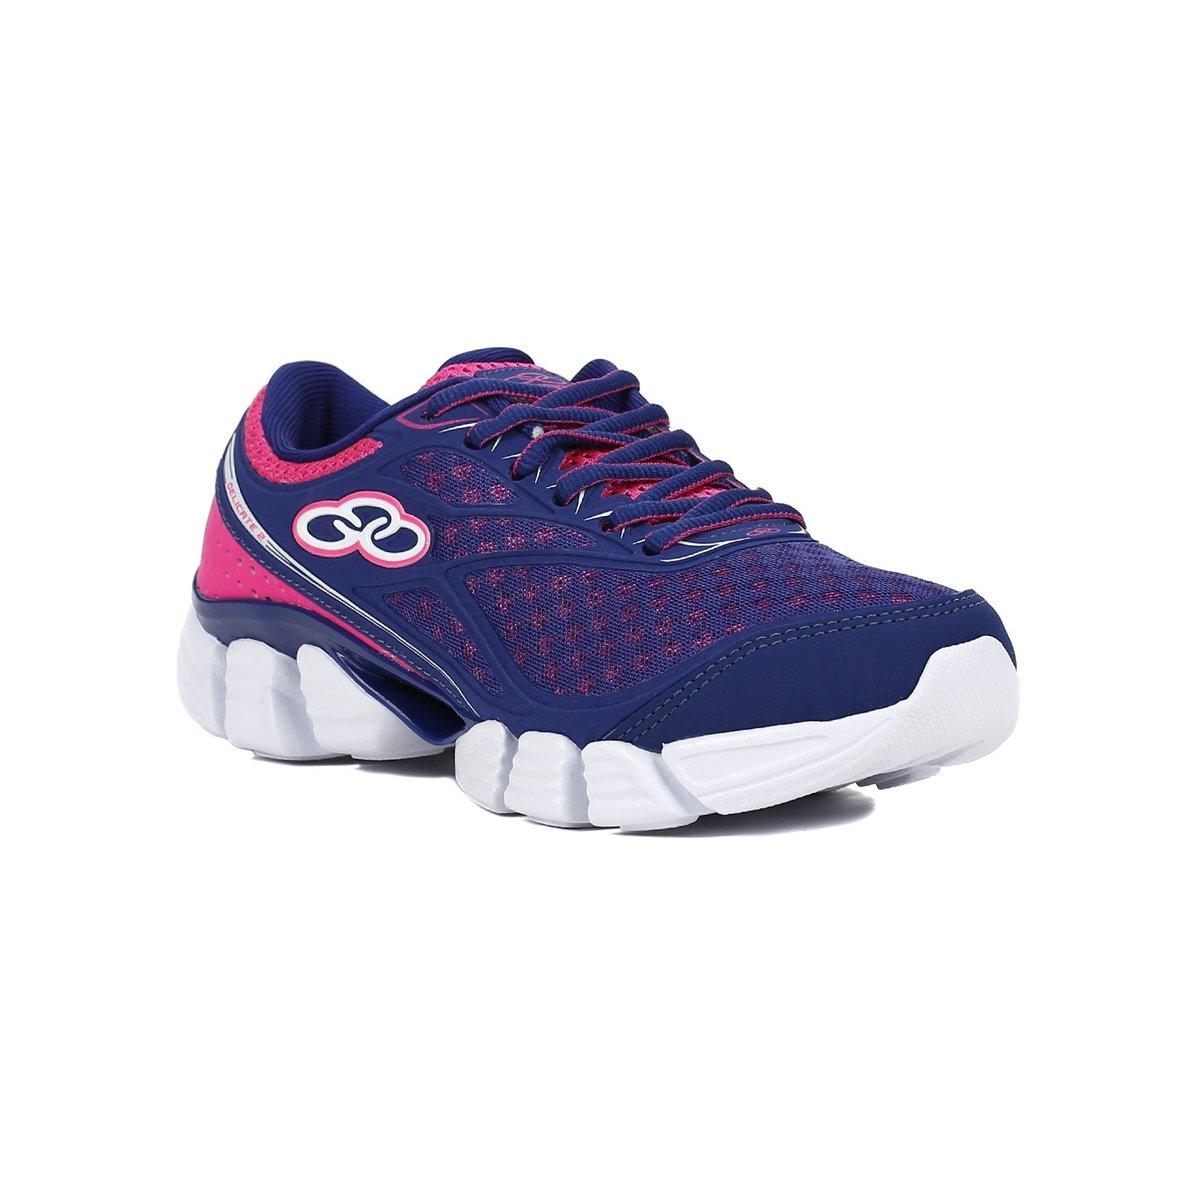 Tênis Esporte Olympikus Delicate 2 - Compre Agora  5968a8453caea